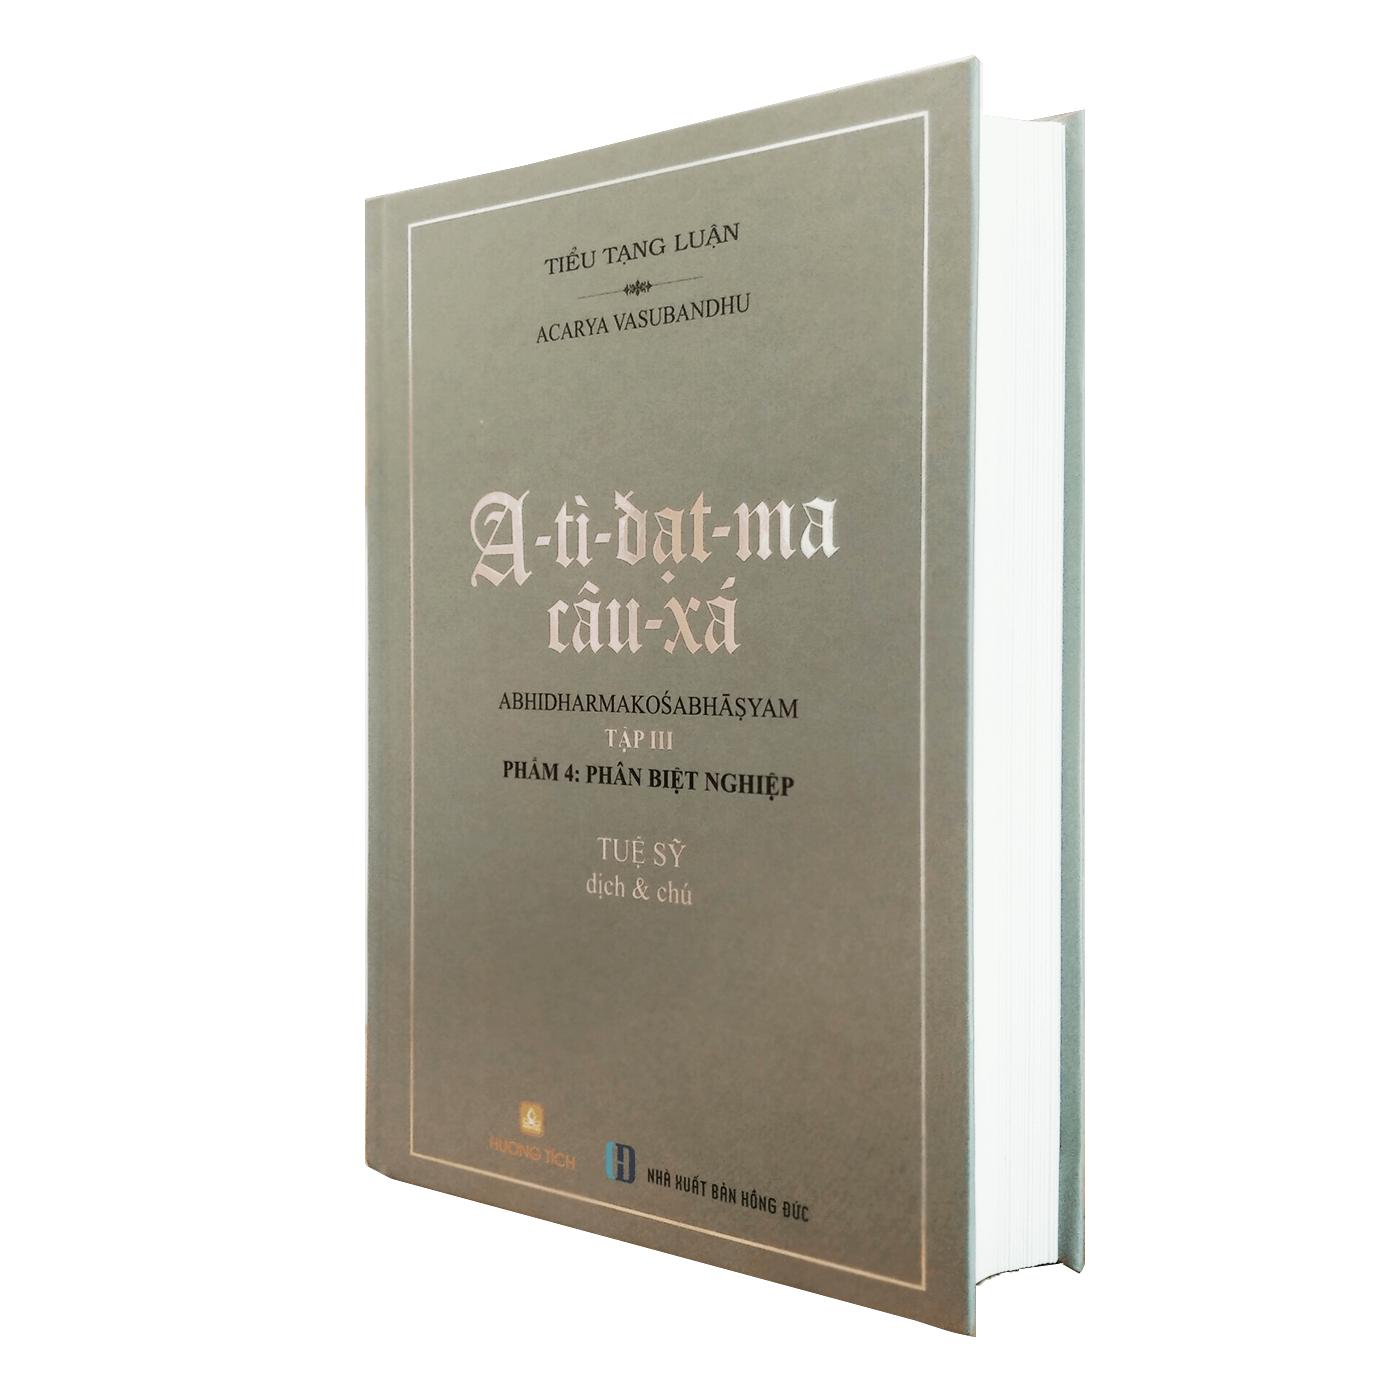 A-tì-đạt-ma câu-xá (Tập III) - PHÂN BIỆT NGHIỆP